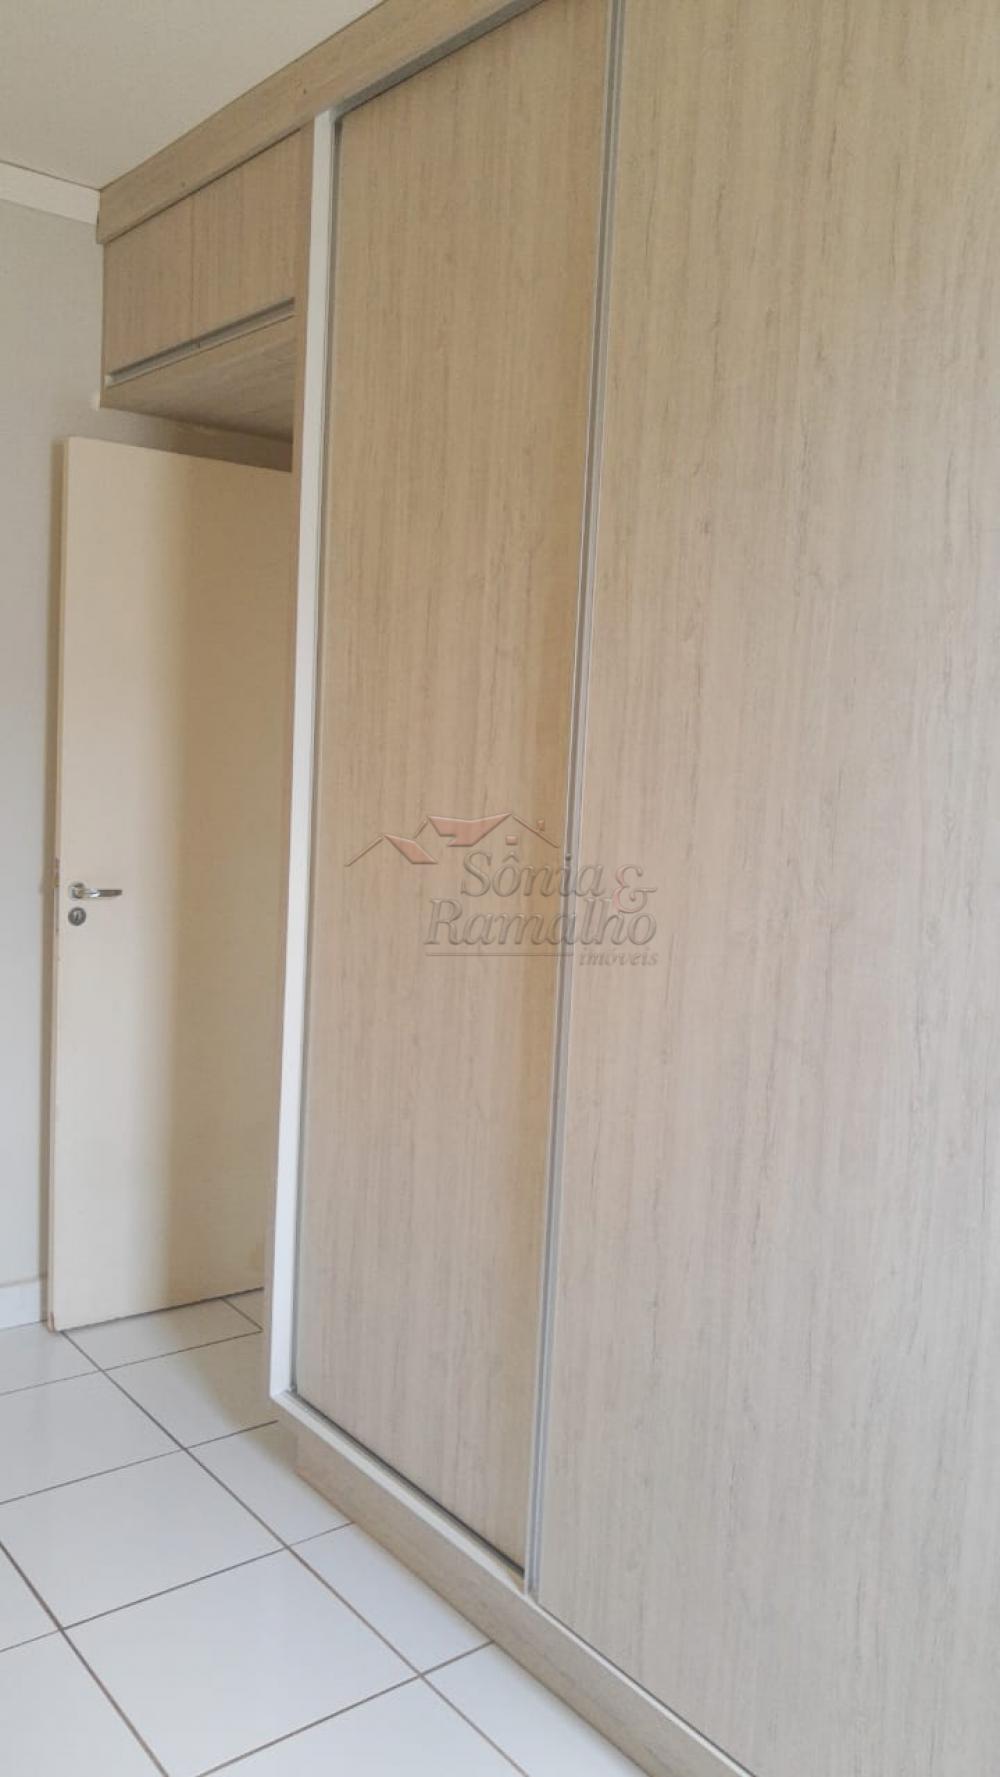 Comprar Apartamentos / Padrão em Ribeirão Preto R$ 190.000,00 - Foto 14